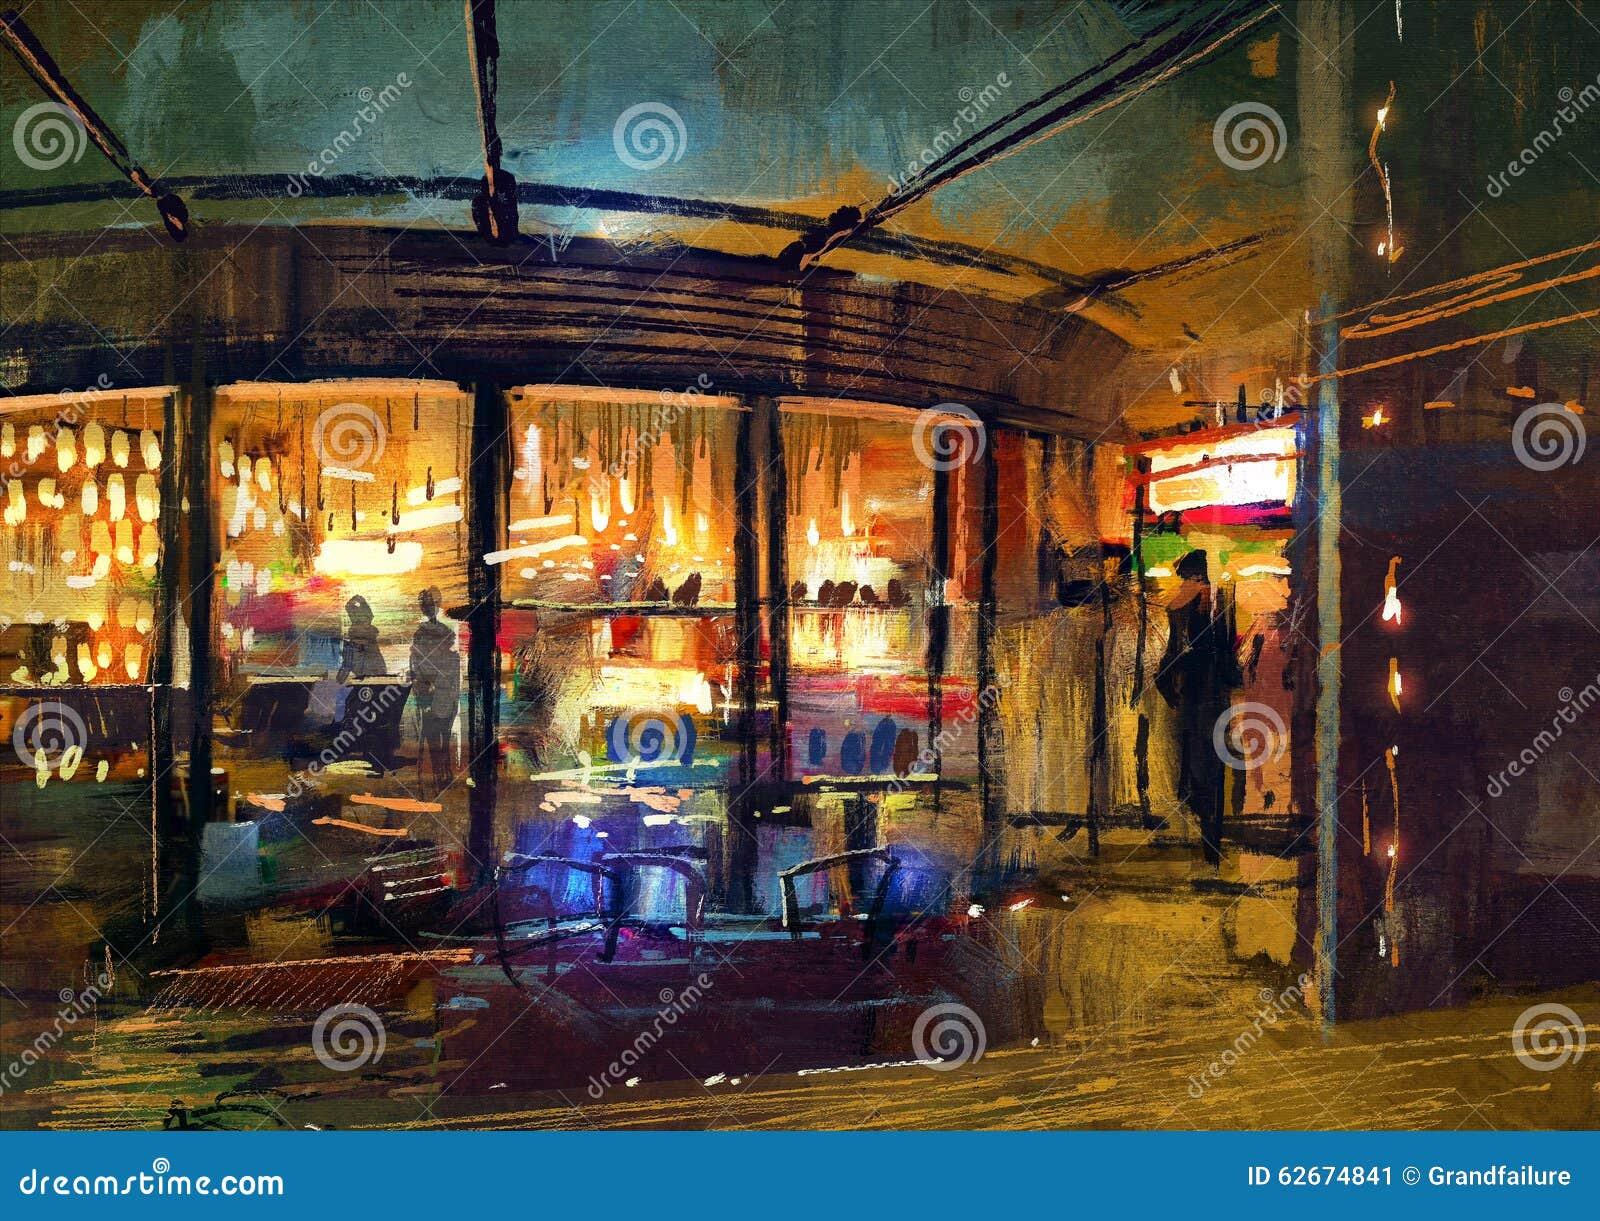 Kleinhandelswinkelingang in opslag stock illustratie afbeelding 62674841 - Behang ingang gang ...